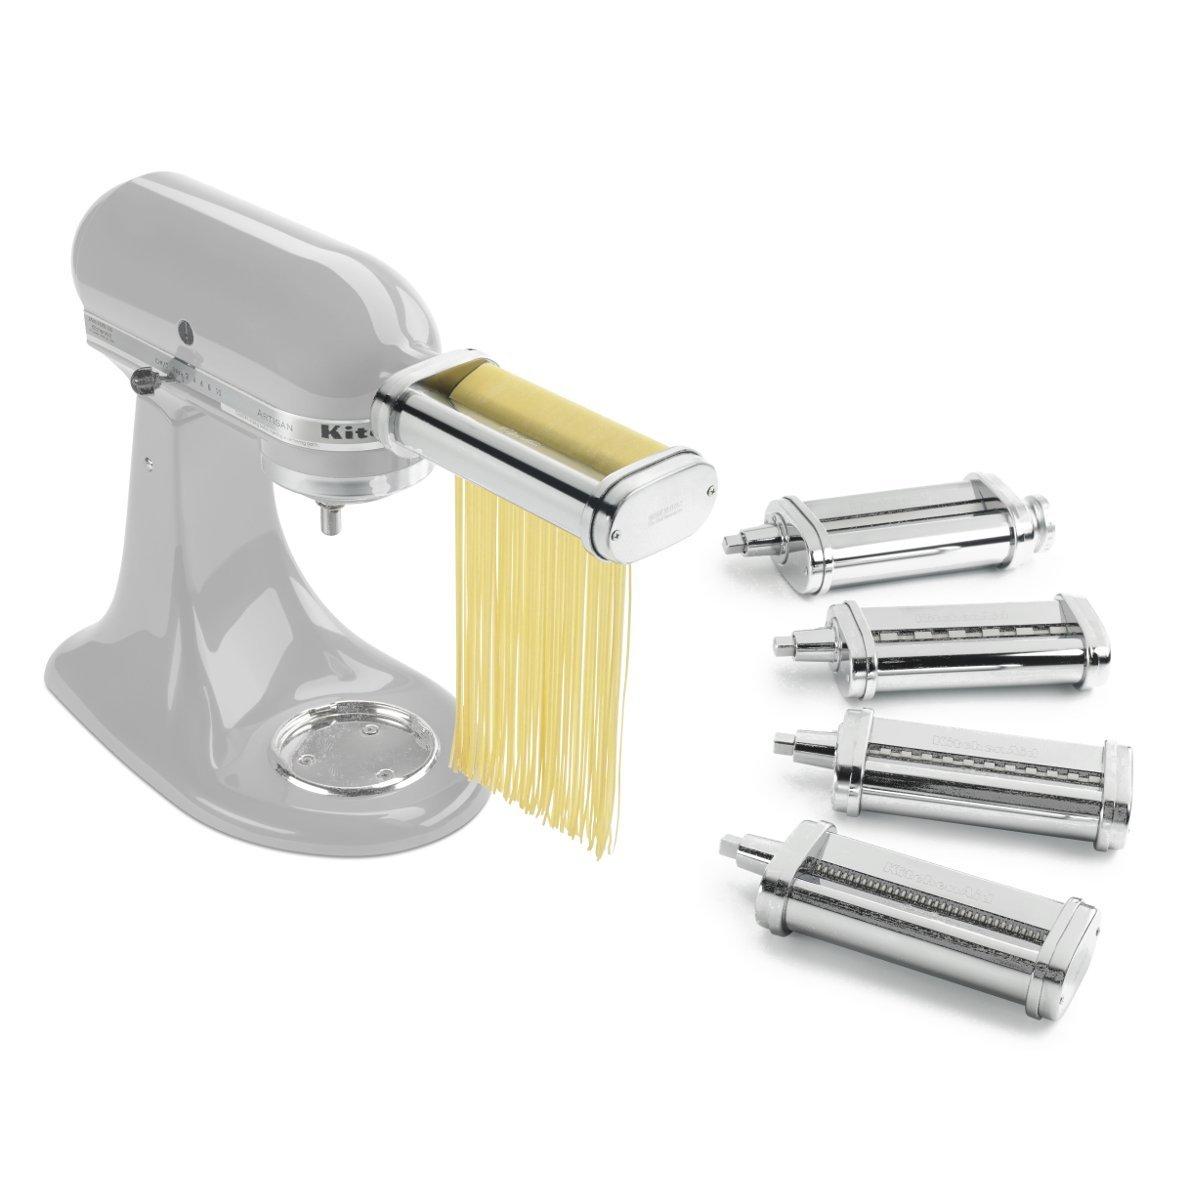 KitchenAid Pasta Deluxe Set (Pasta Roller, Spaghetti Cutter, Fettuccine Cutter, Capellini Cutter, Lasagnette Cutter)